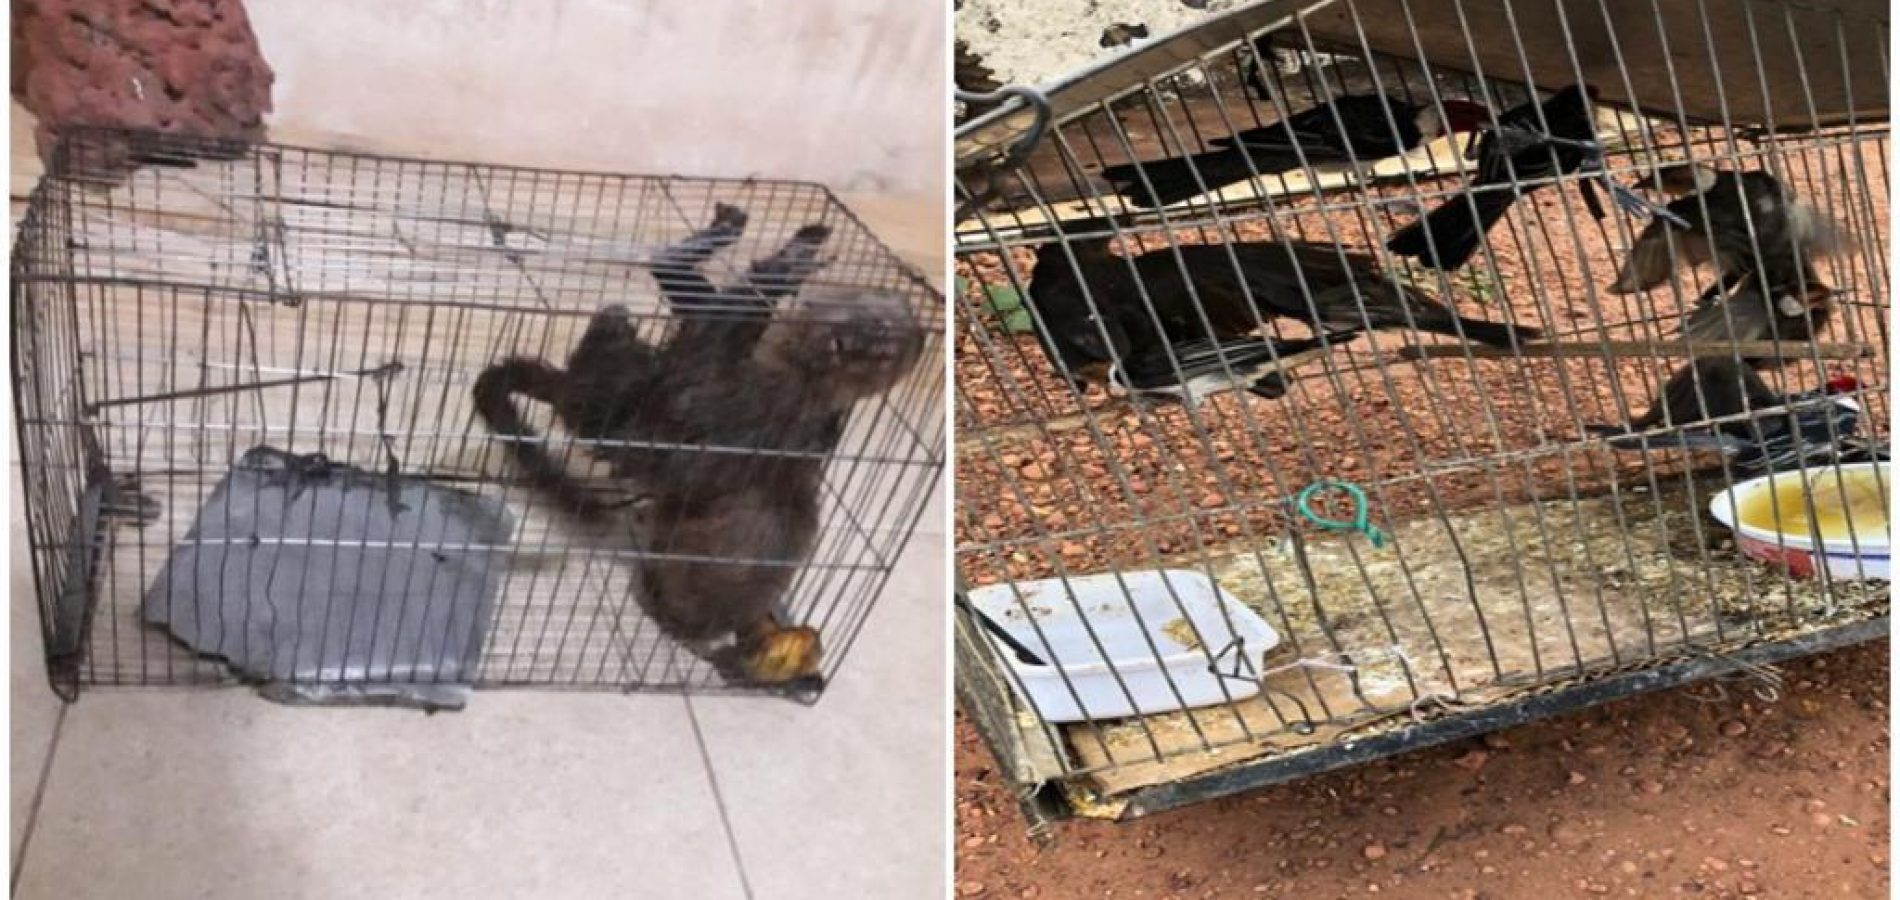 PICOS | Mais de 200 animais silvestres presos em cativeiro são resgatados no povoado Mirolândia